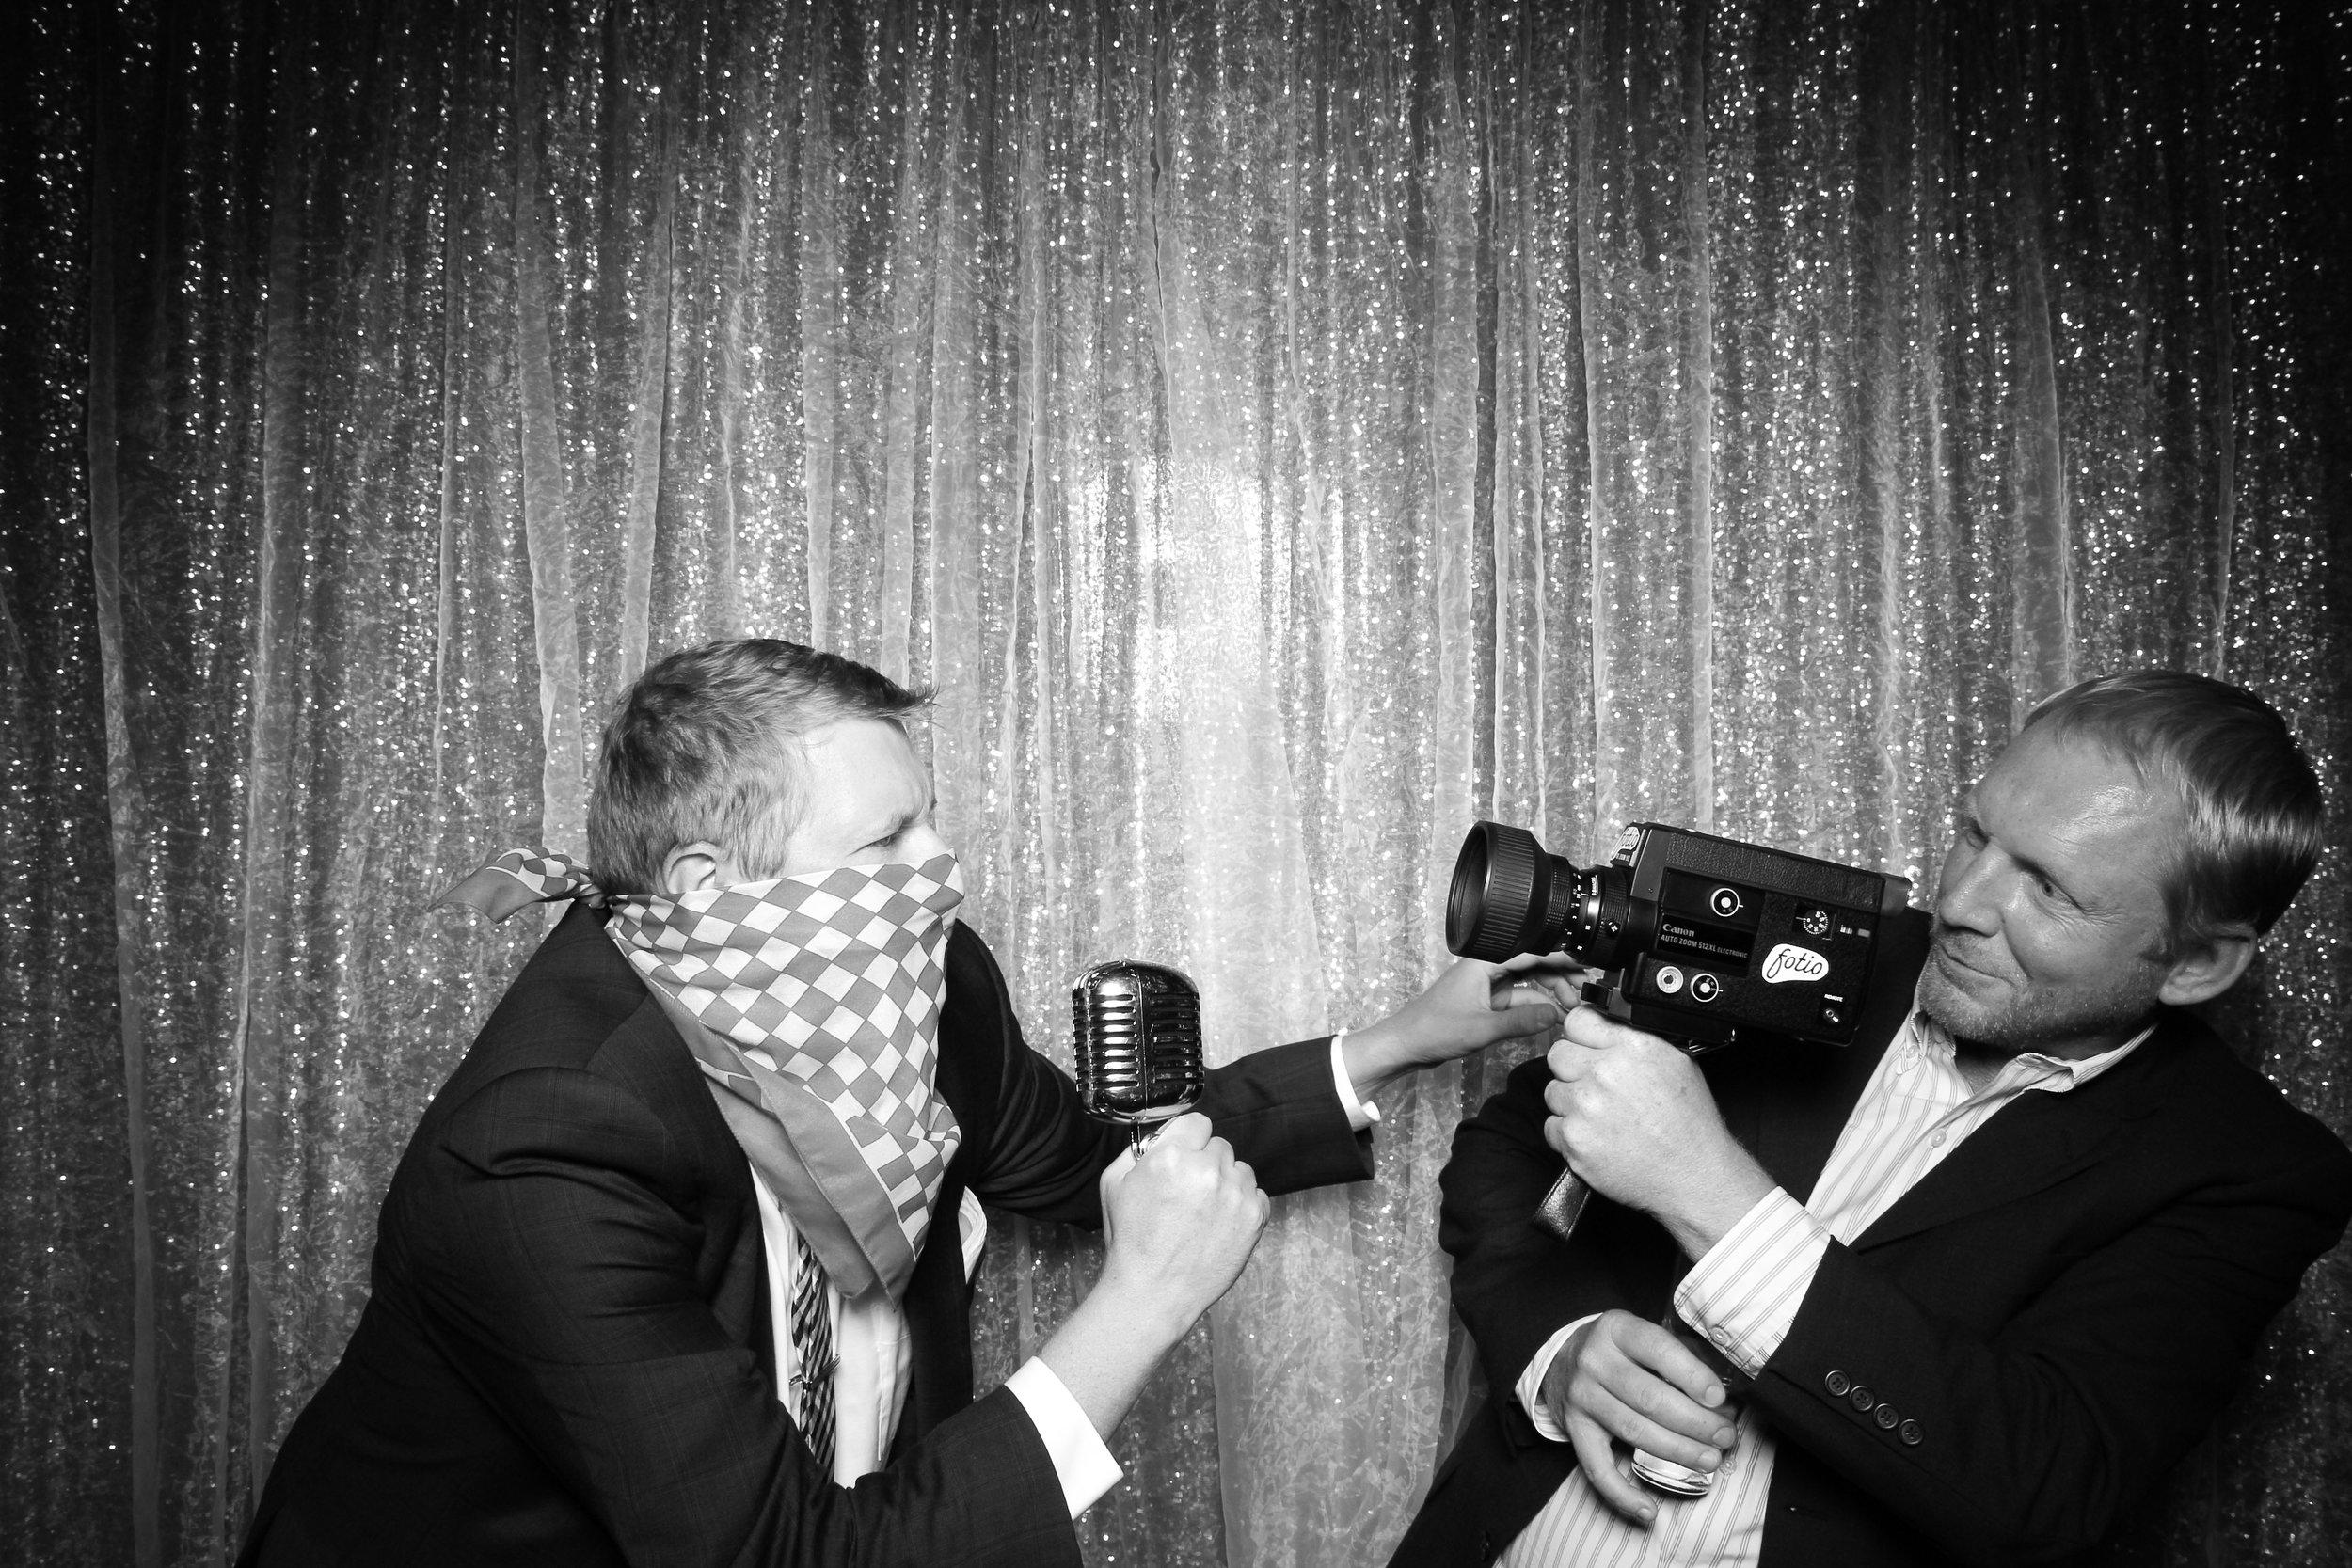 Chicago_Vintage_Wedding_Photobooth_Salvatores_60.jpg